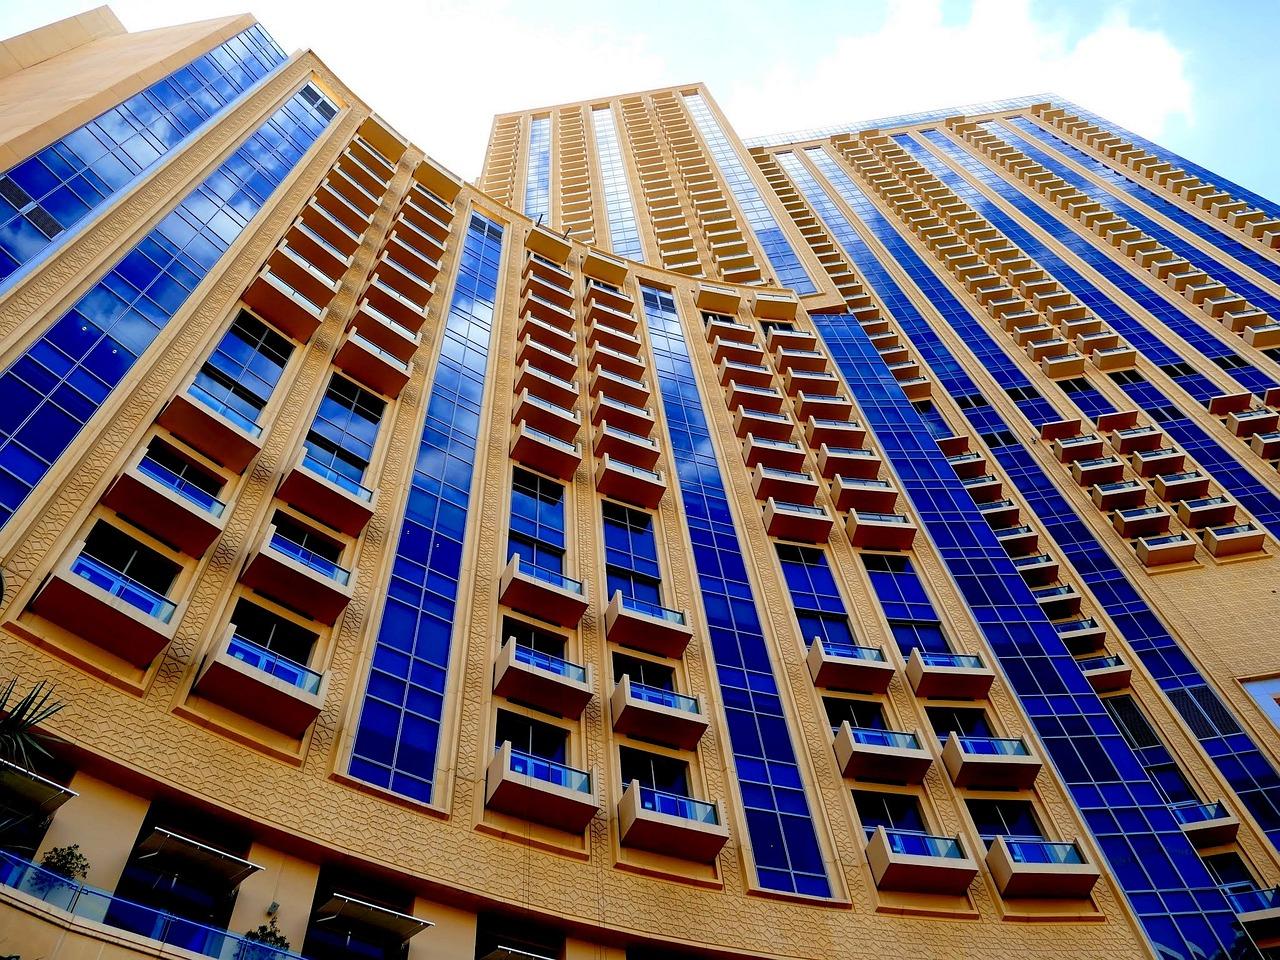 фасады многоэтажных домов картинки минске начался